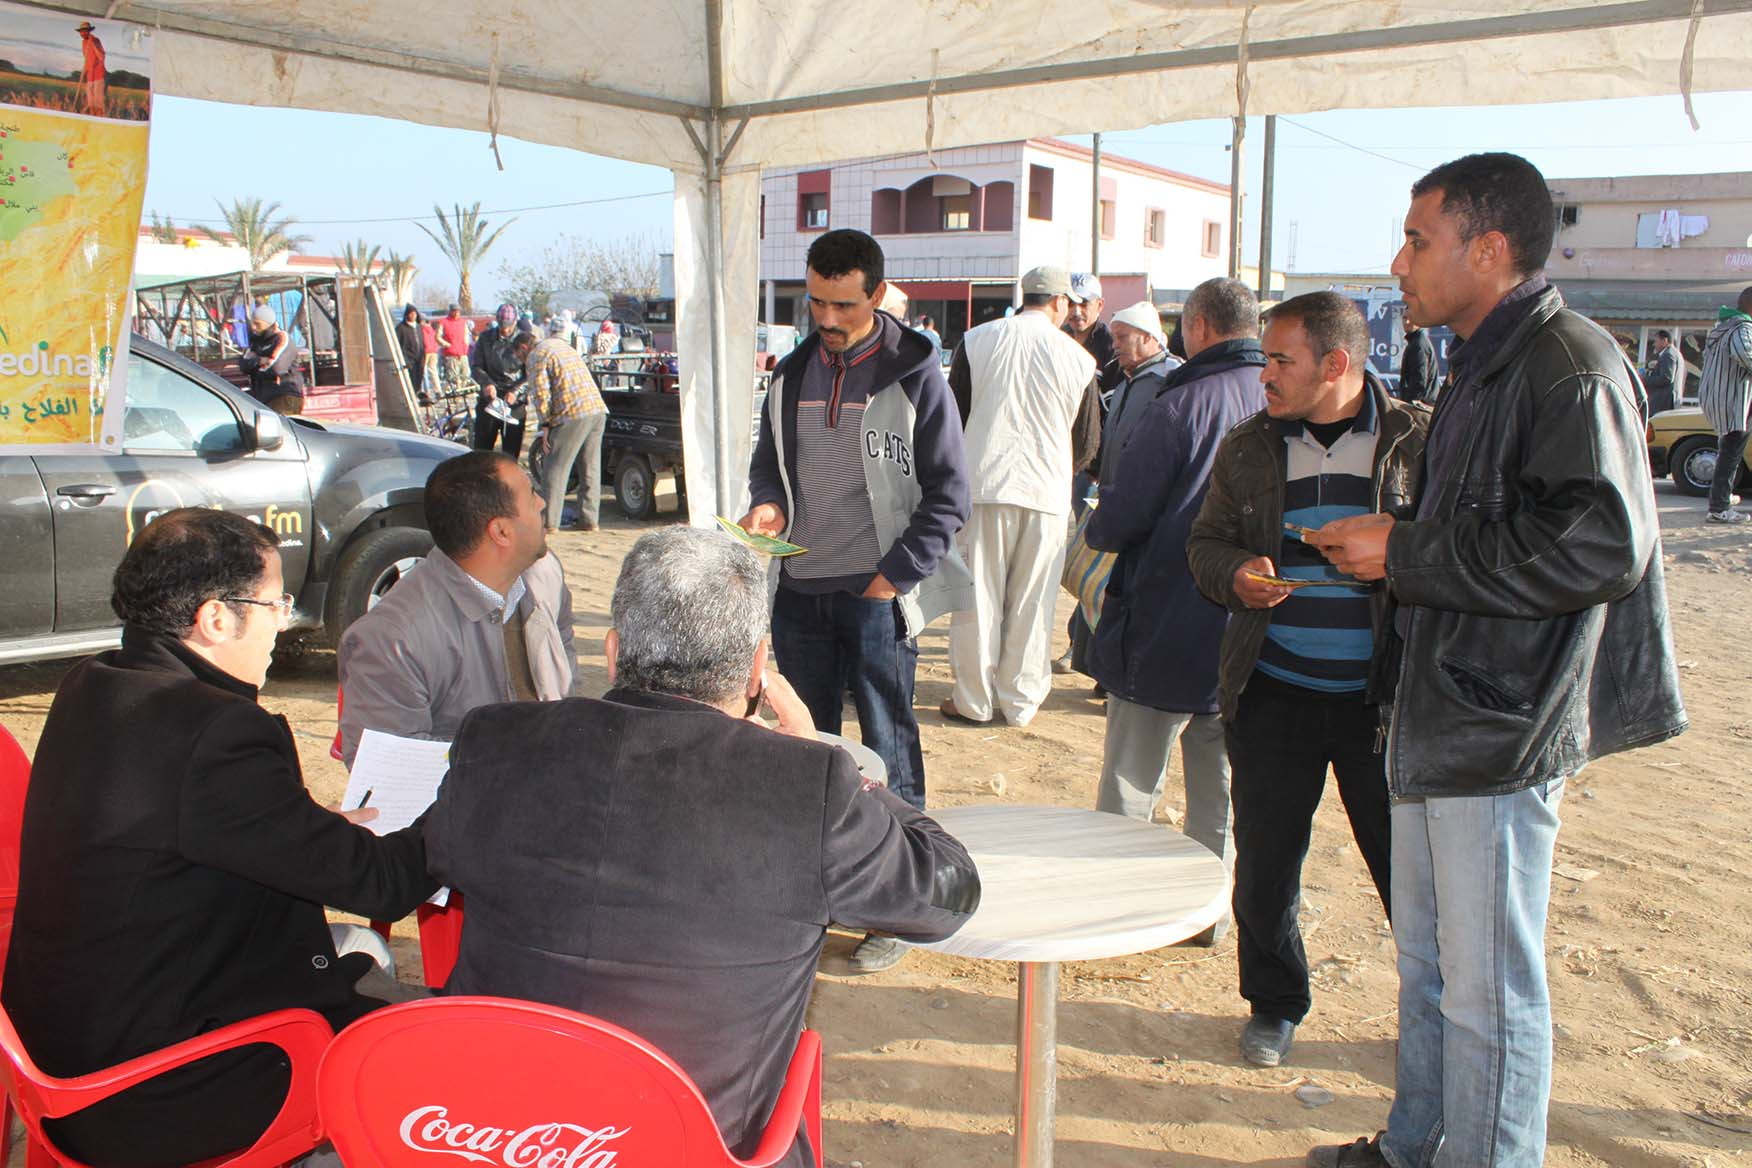 صور جولة إذاعة مدينة إف إم بالأسواق المغربية : سوق حد أولاد جلول